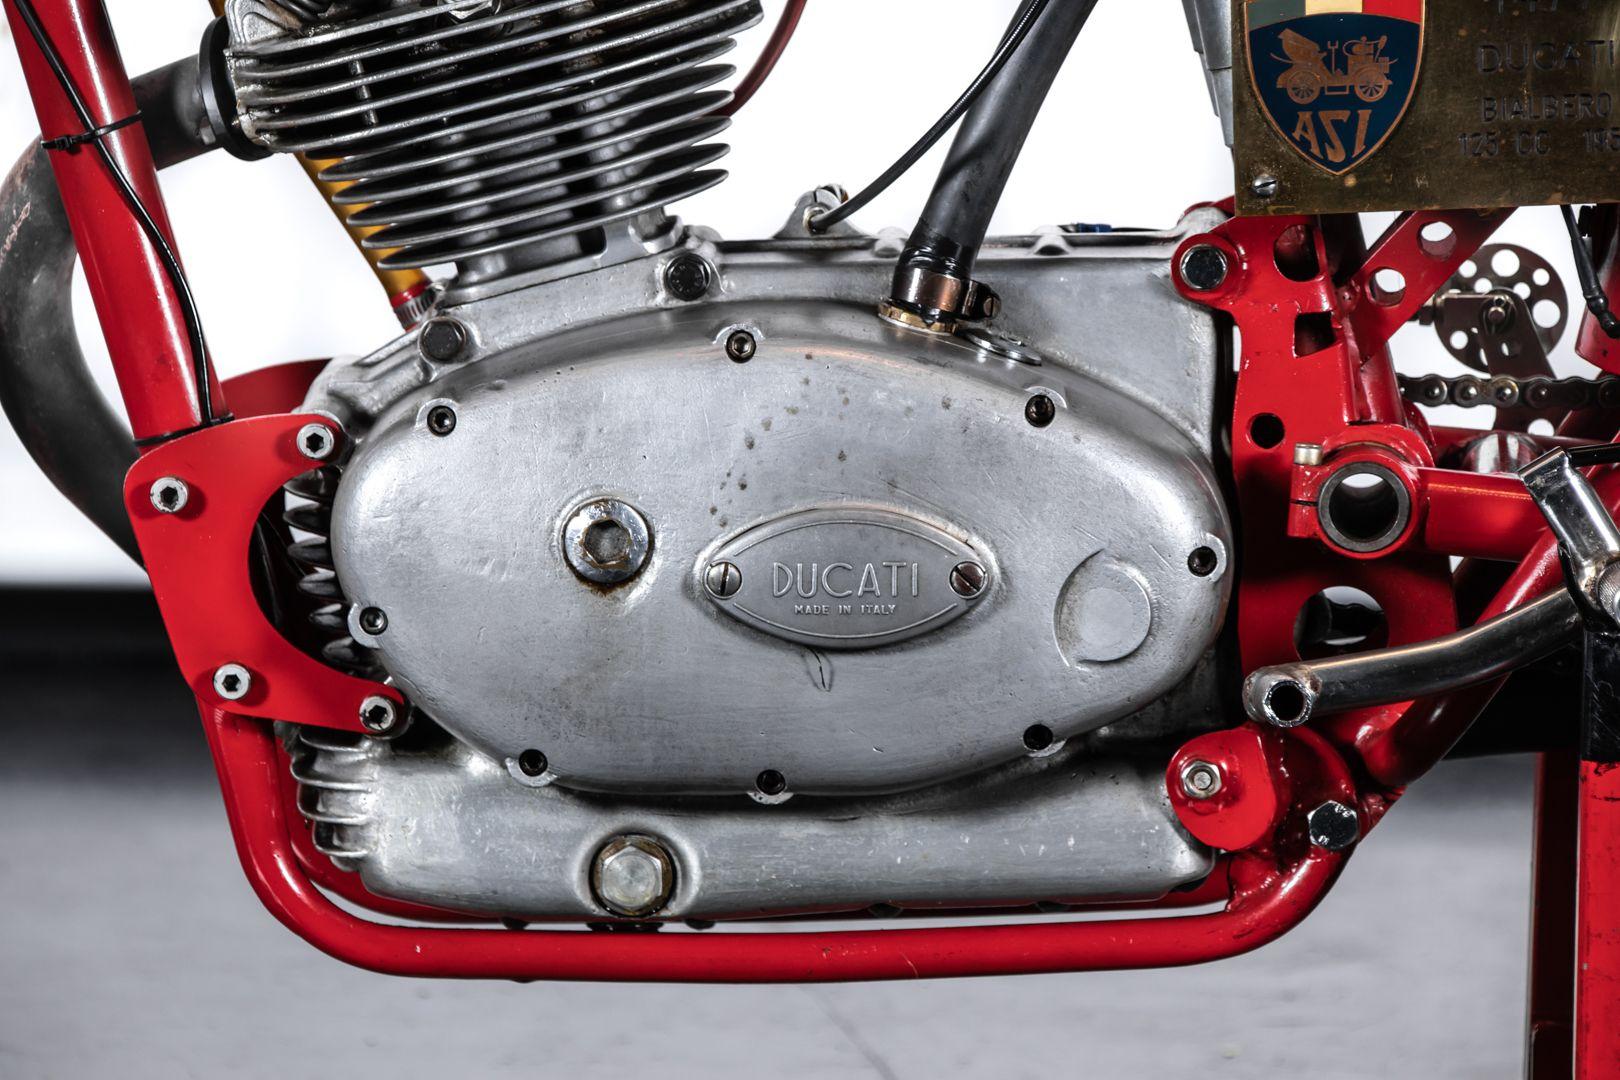 1957 Ducati 125 Bialbero Corsa 77162